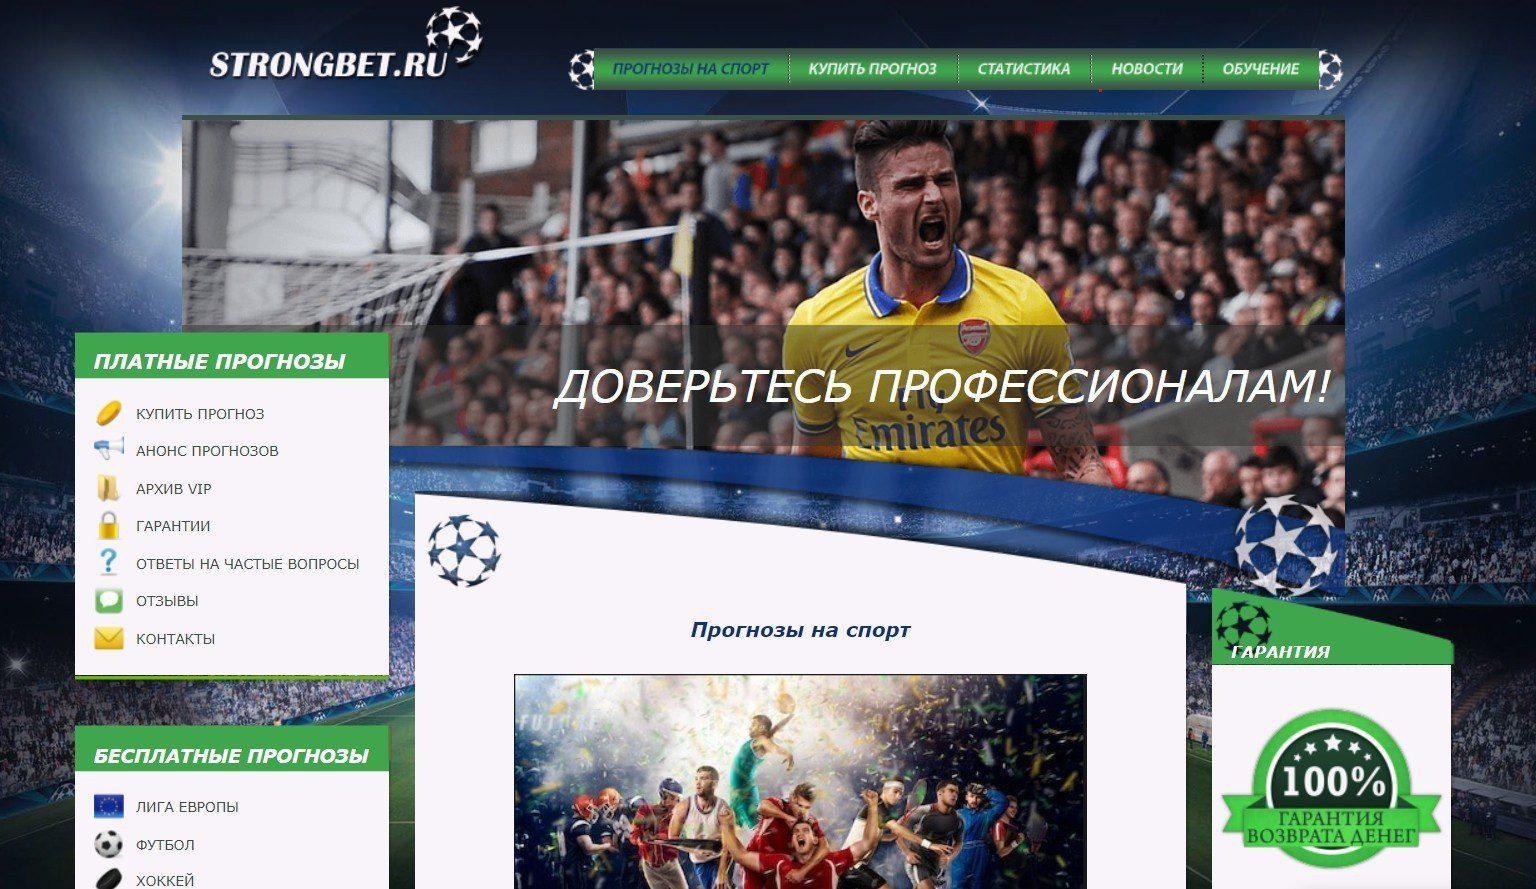 Отзывы о прогнозах на футбол от Стронгбет (Strongbet)